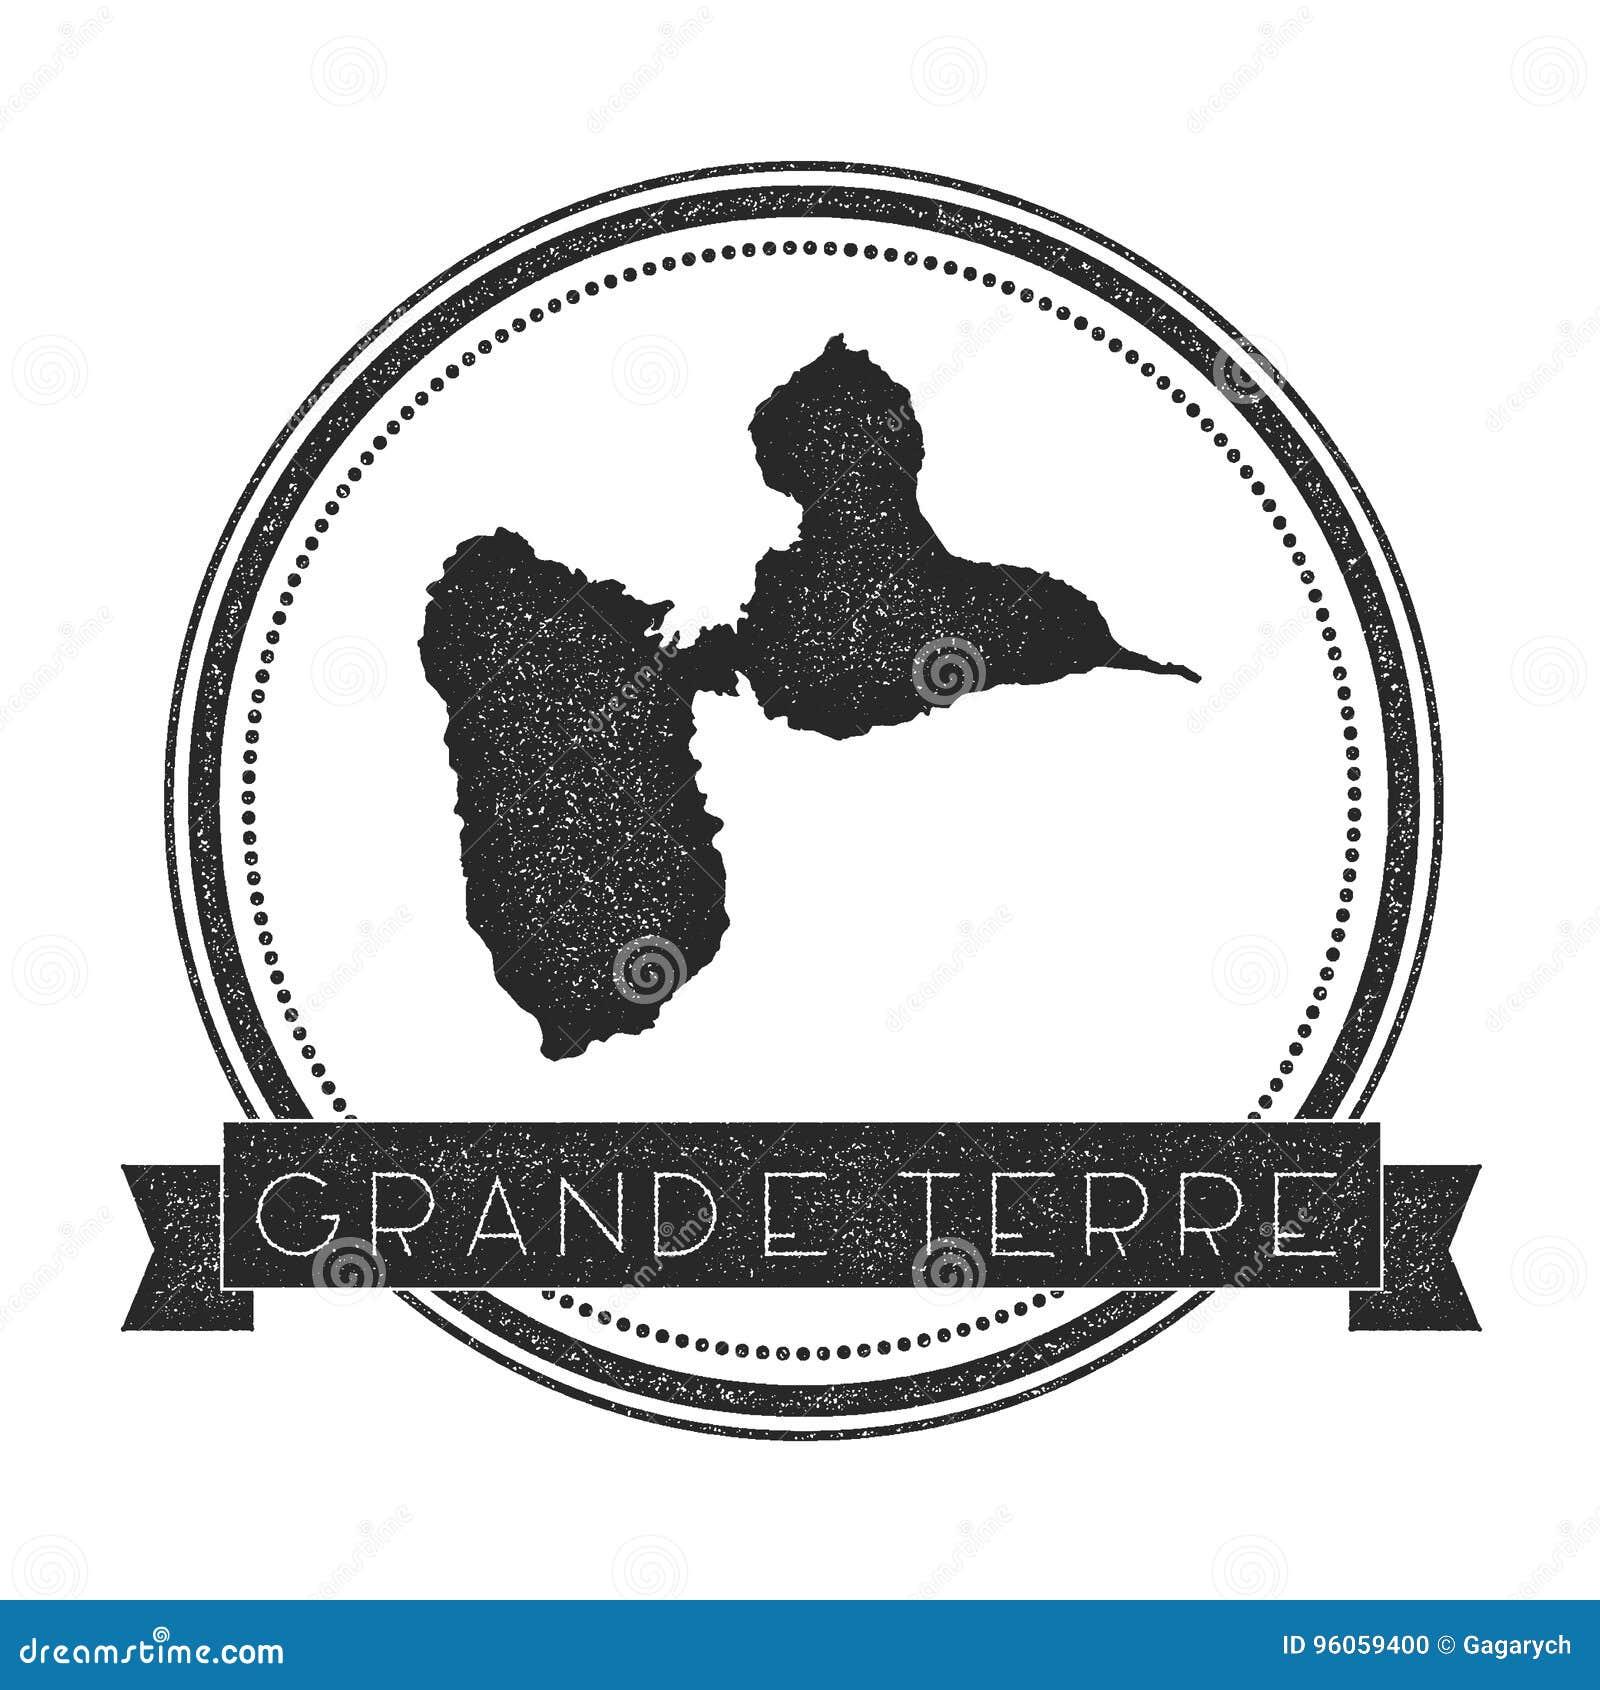 Grand-Terre timbre de carte